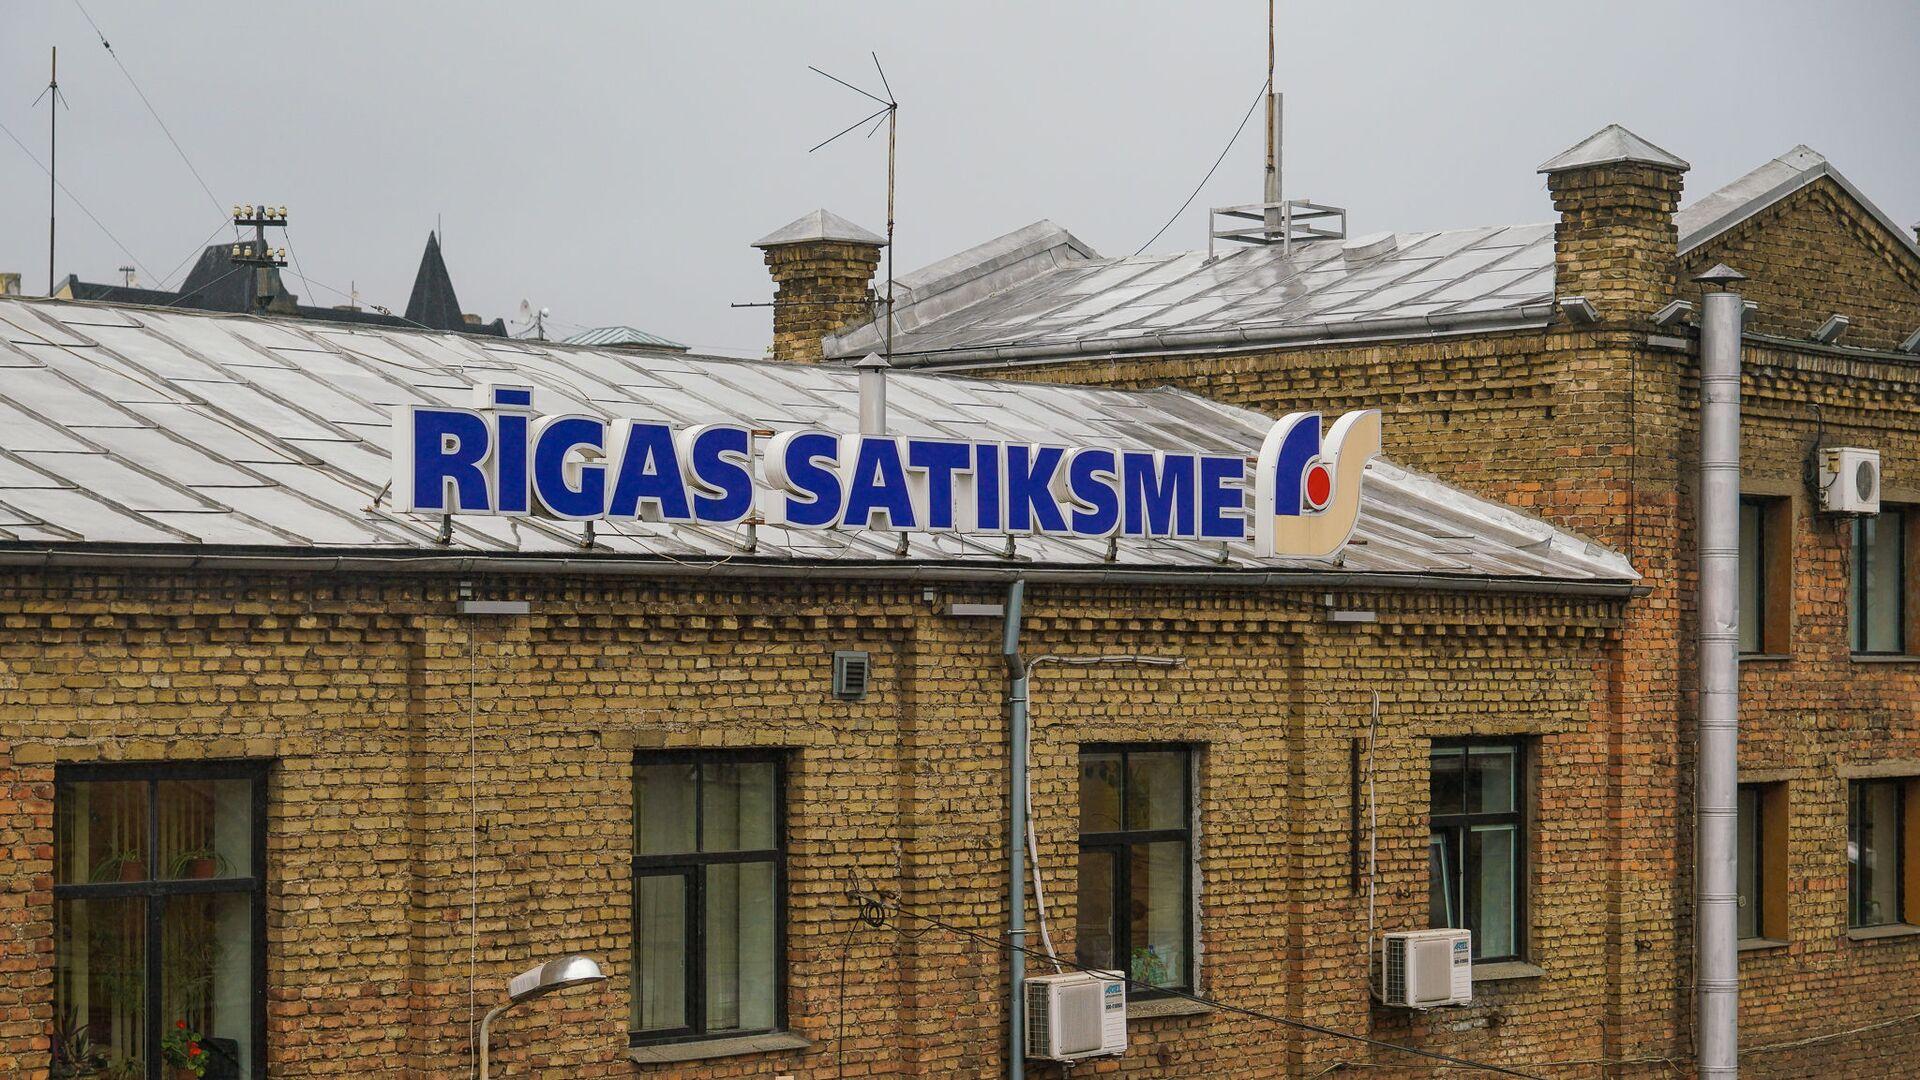 Муниципальное предприятия Rīgas satiksme - Sputnik Латвия, 1920, 03.07.2021